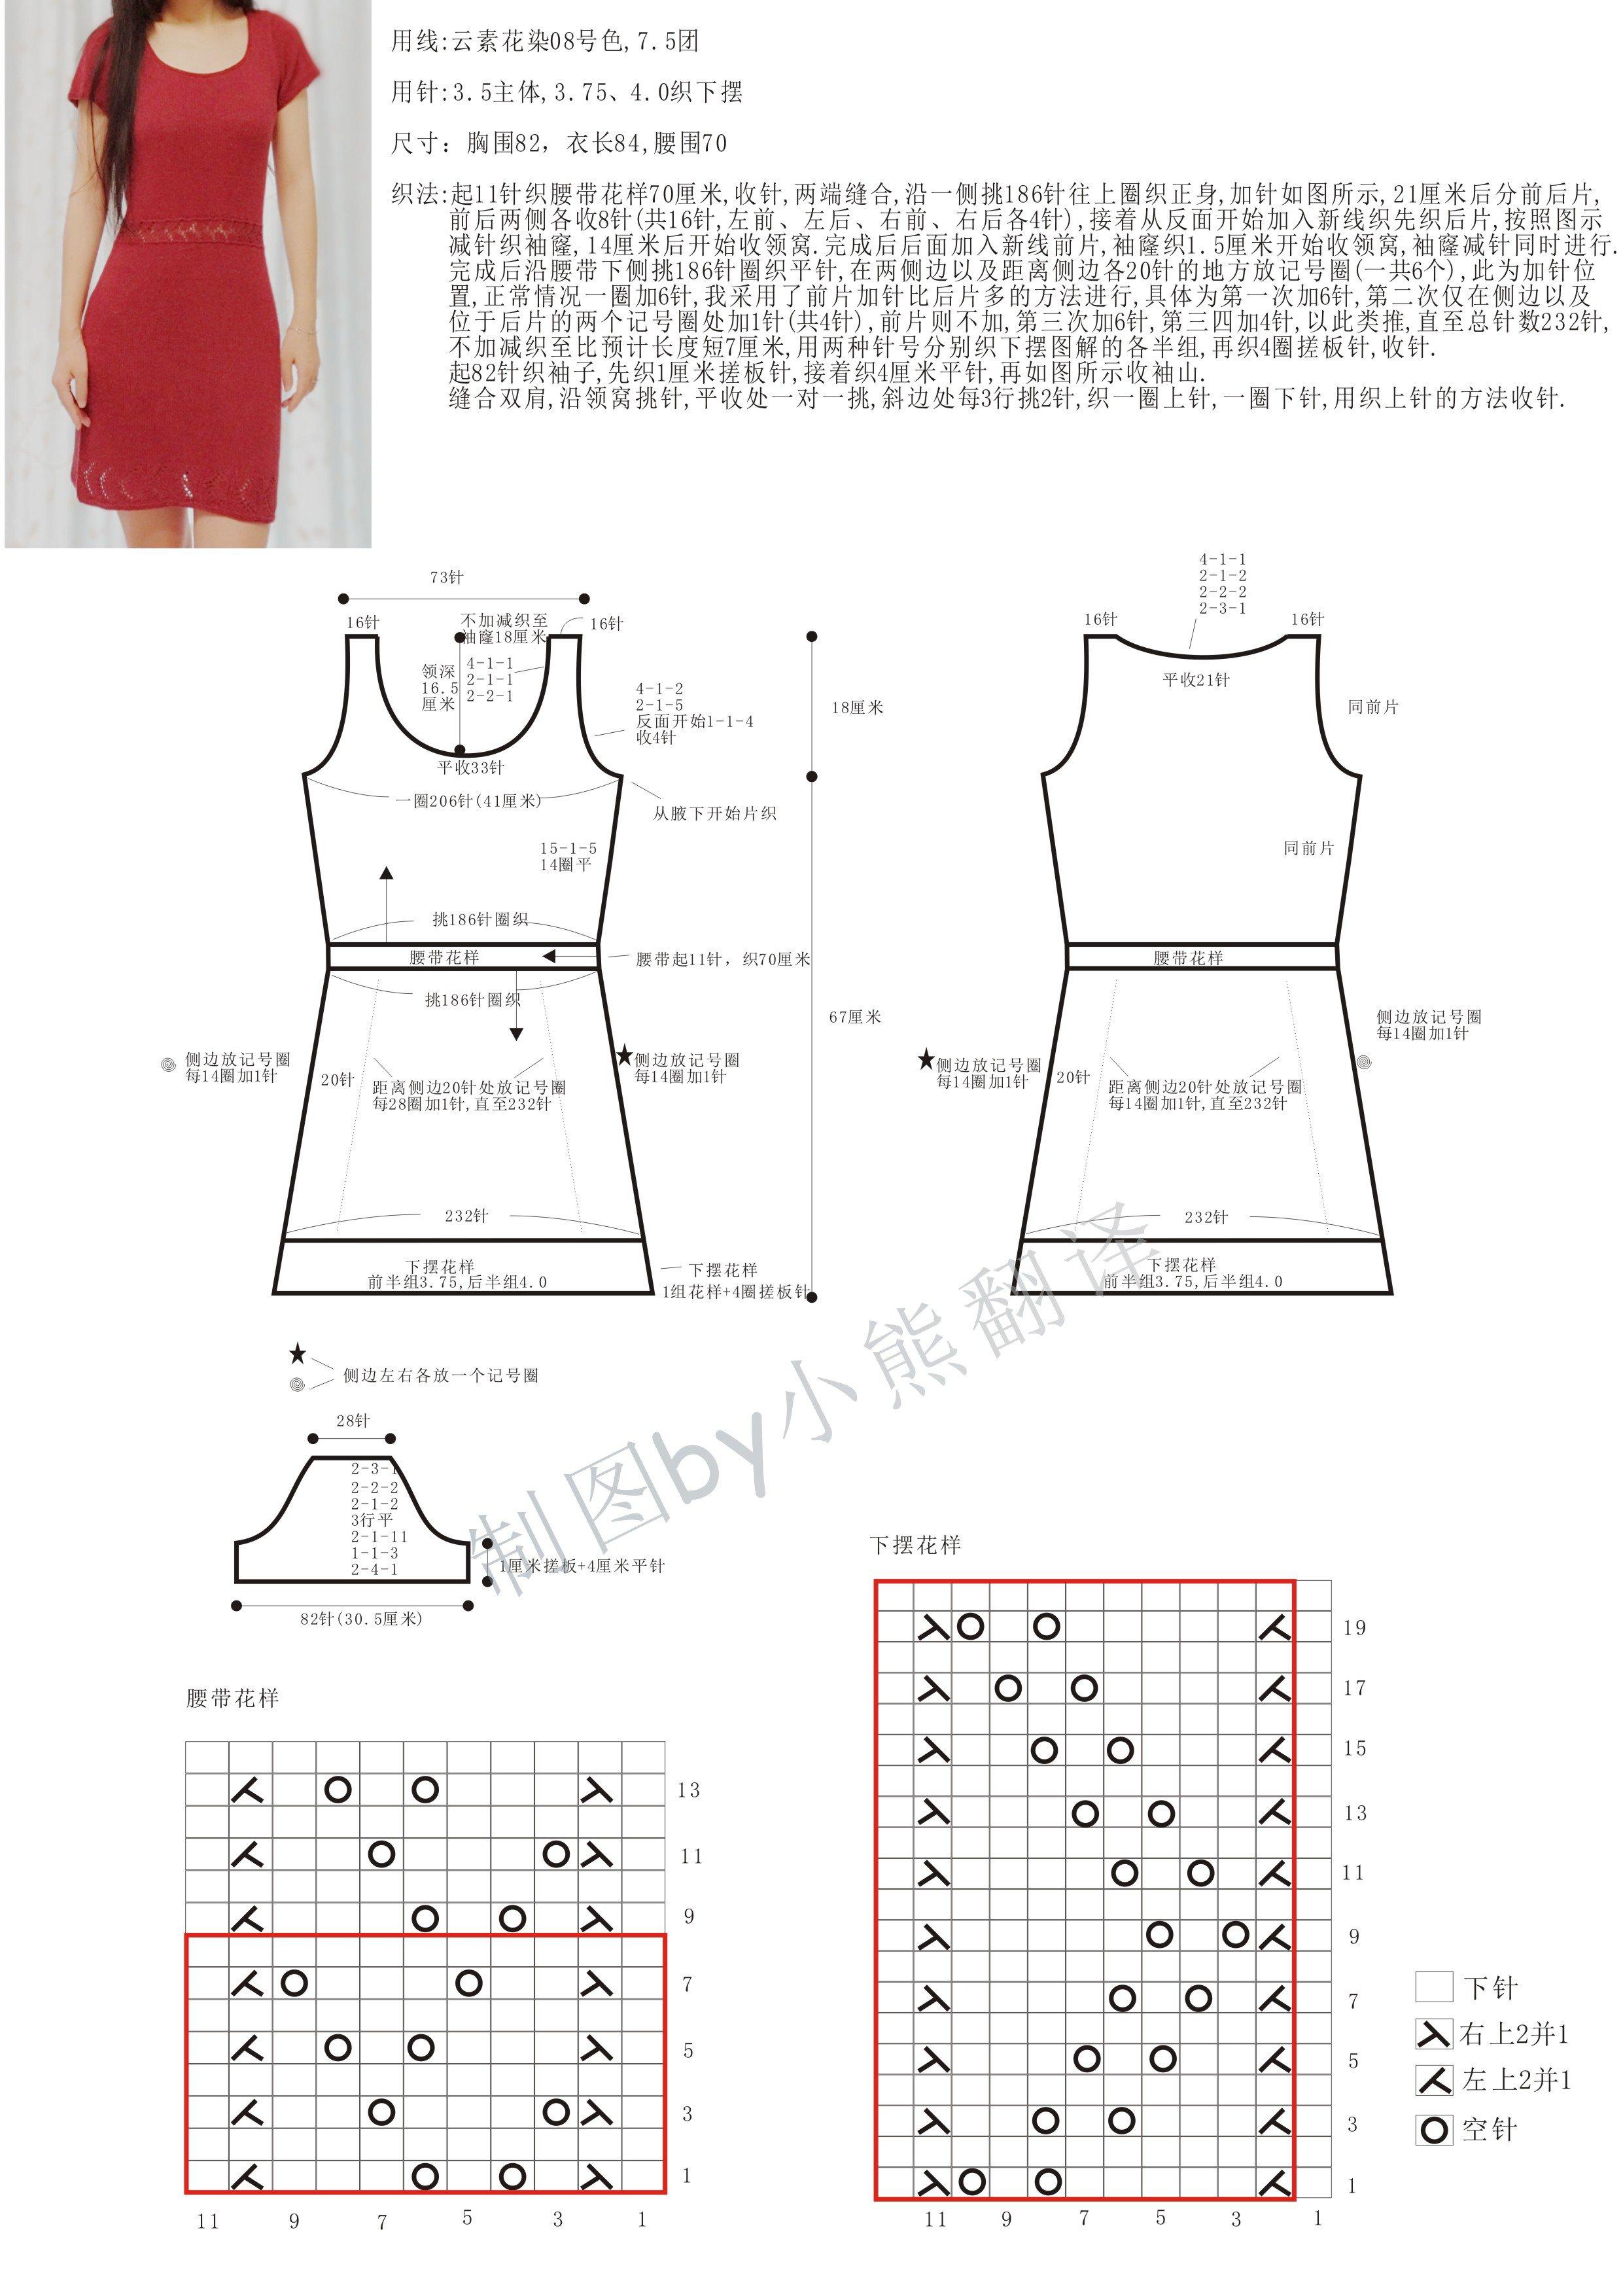 红裙图解.jpg